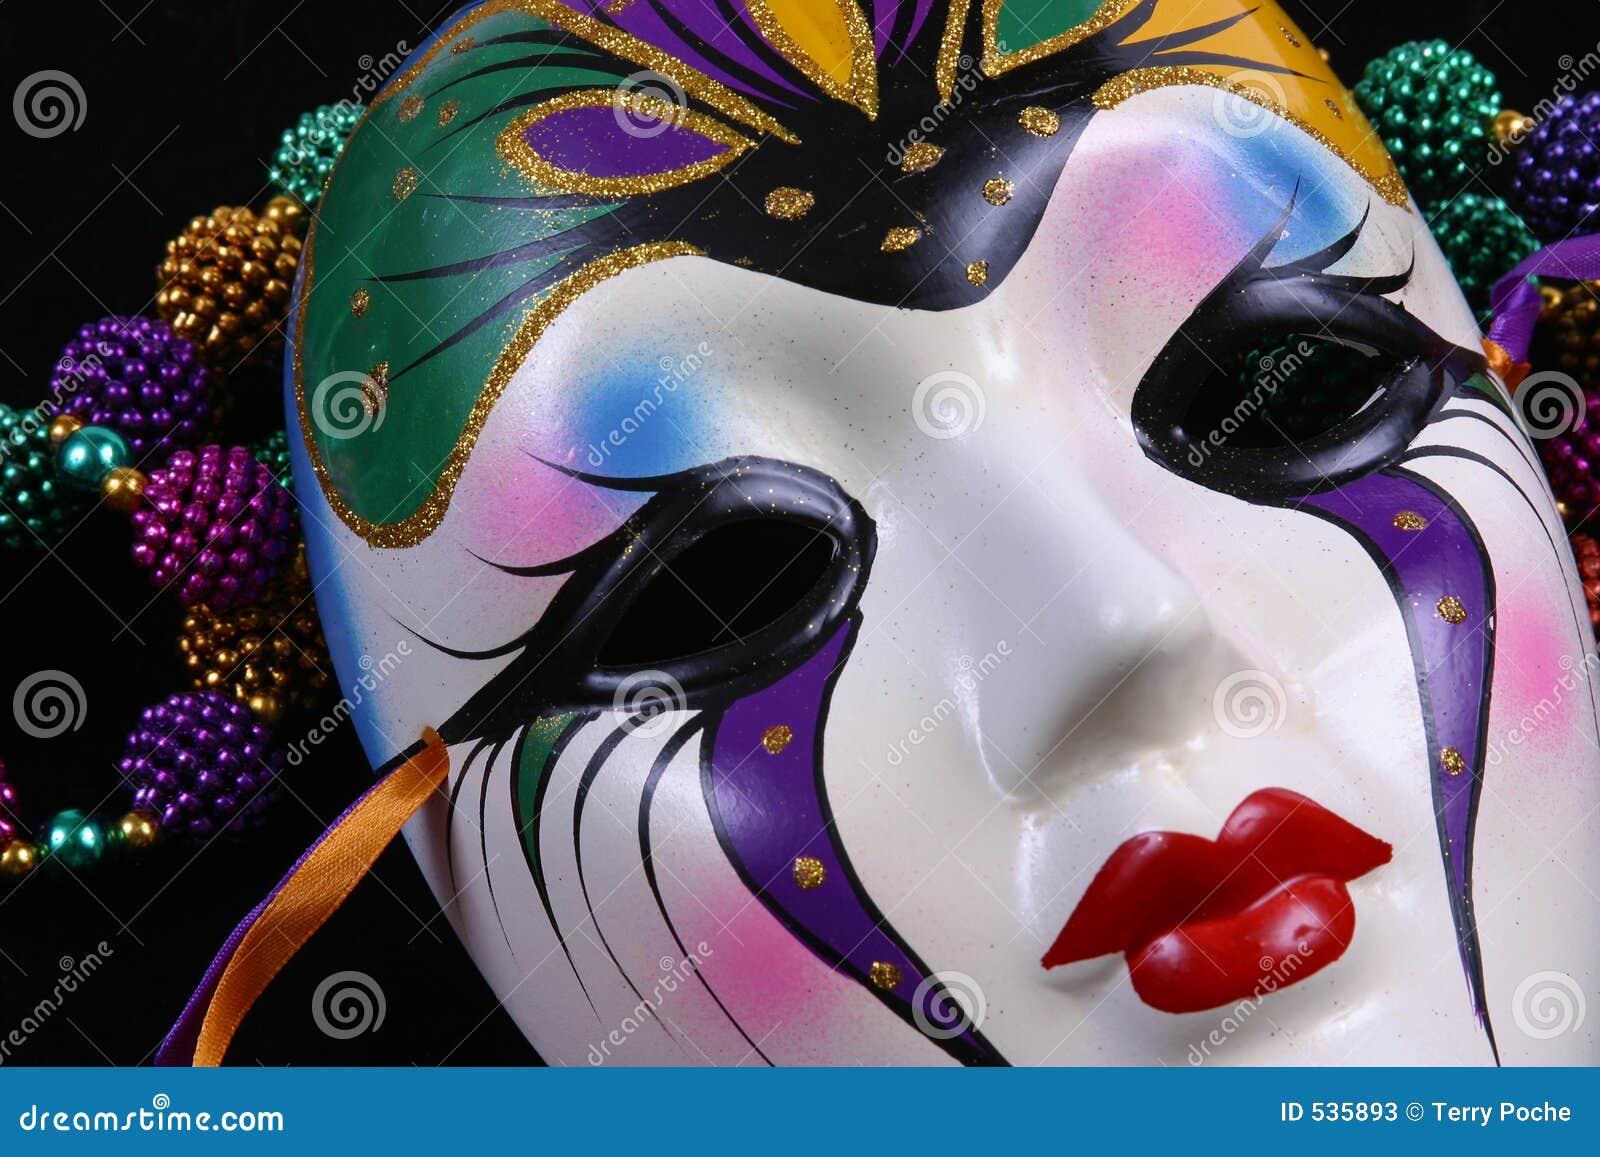 Las patas de ganso y las máscaras alrededor de los ojos